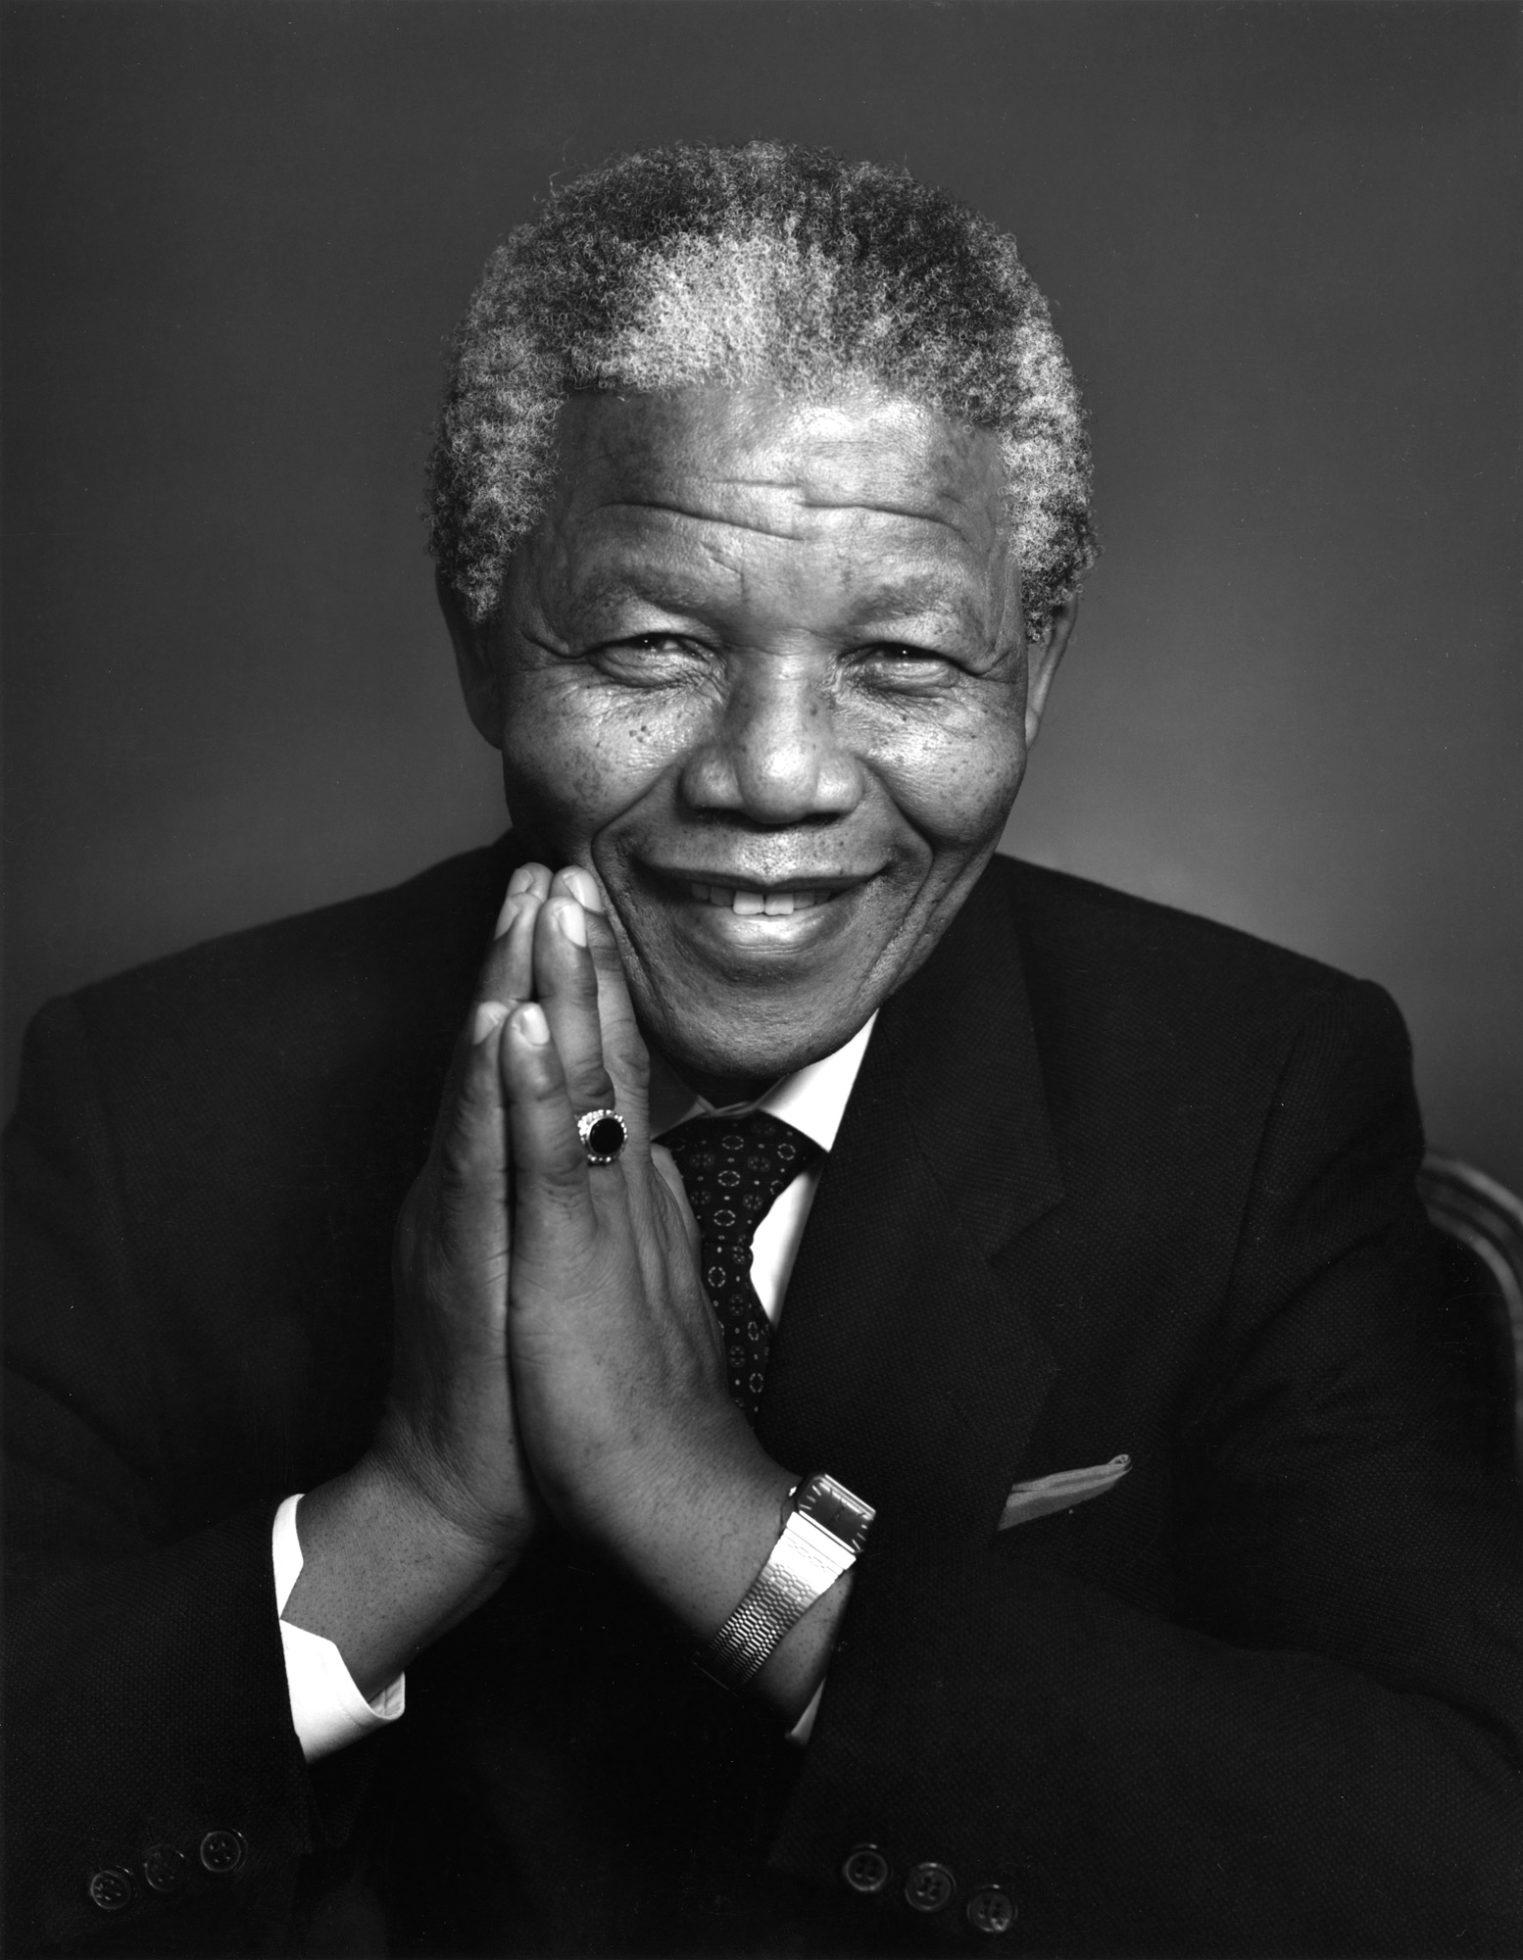 006a Yousuf-Karsh-Nelson-Mandela-1990-